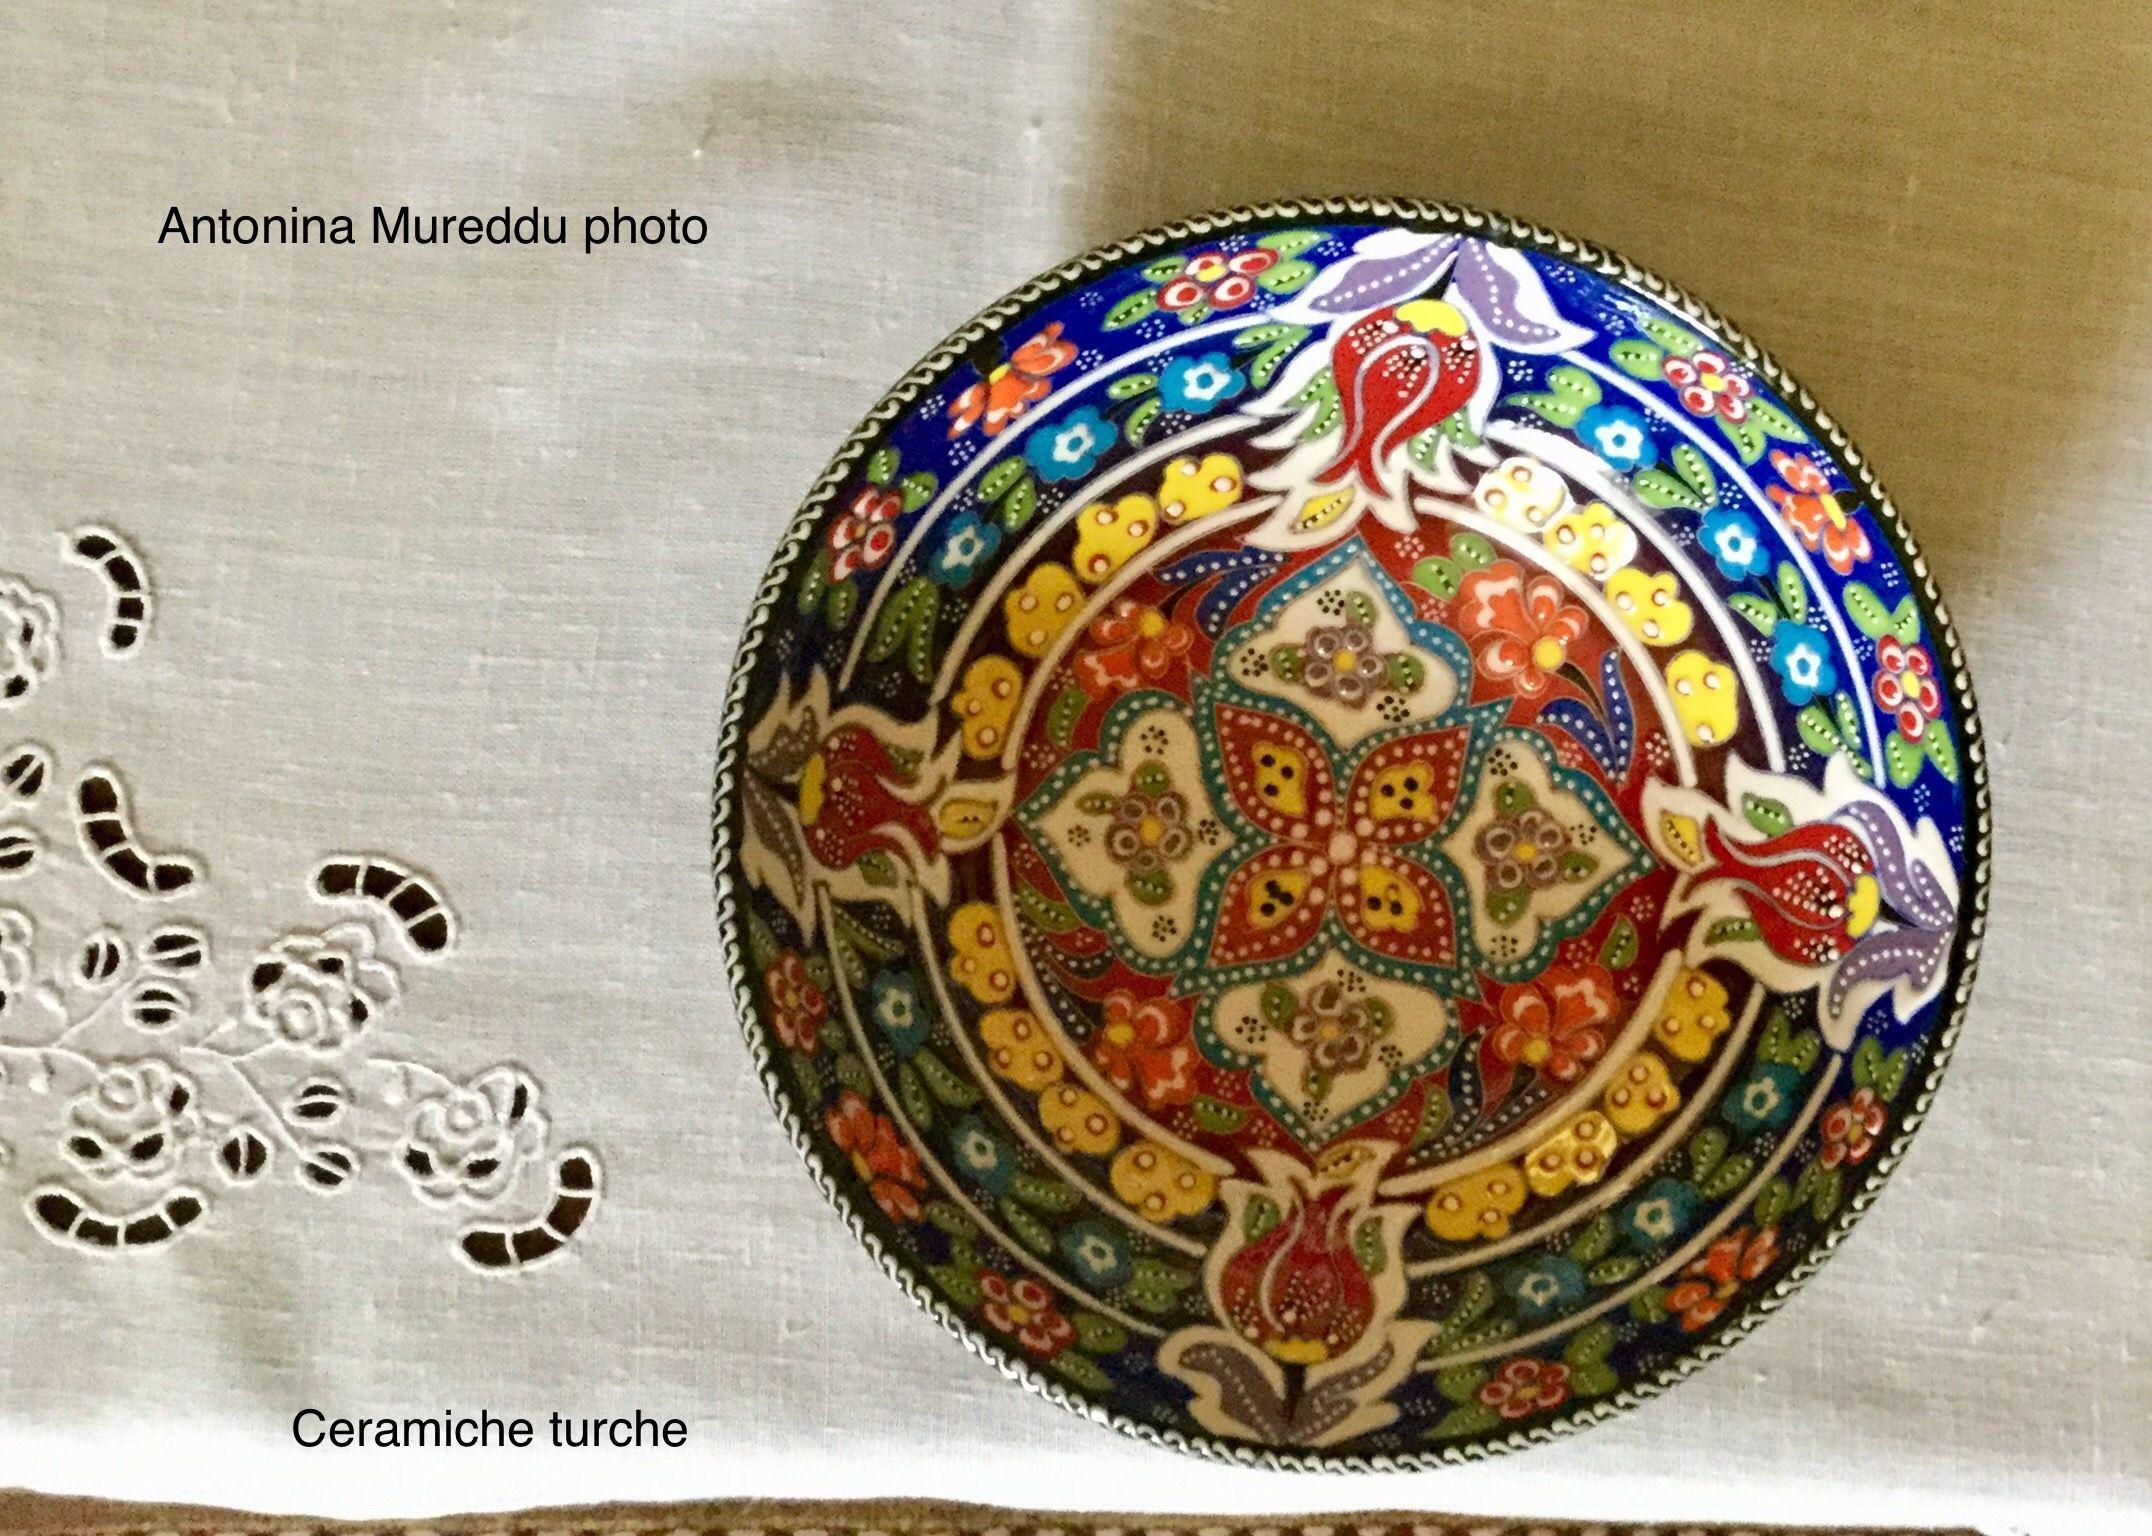 Pin di AntoninaM su Arte | Ceramica